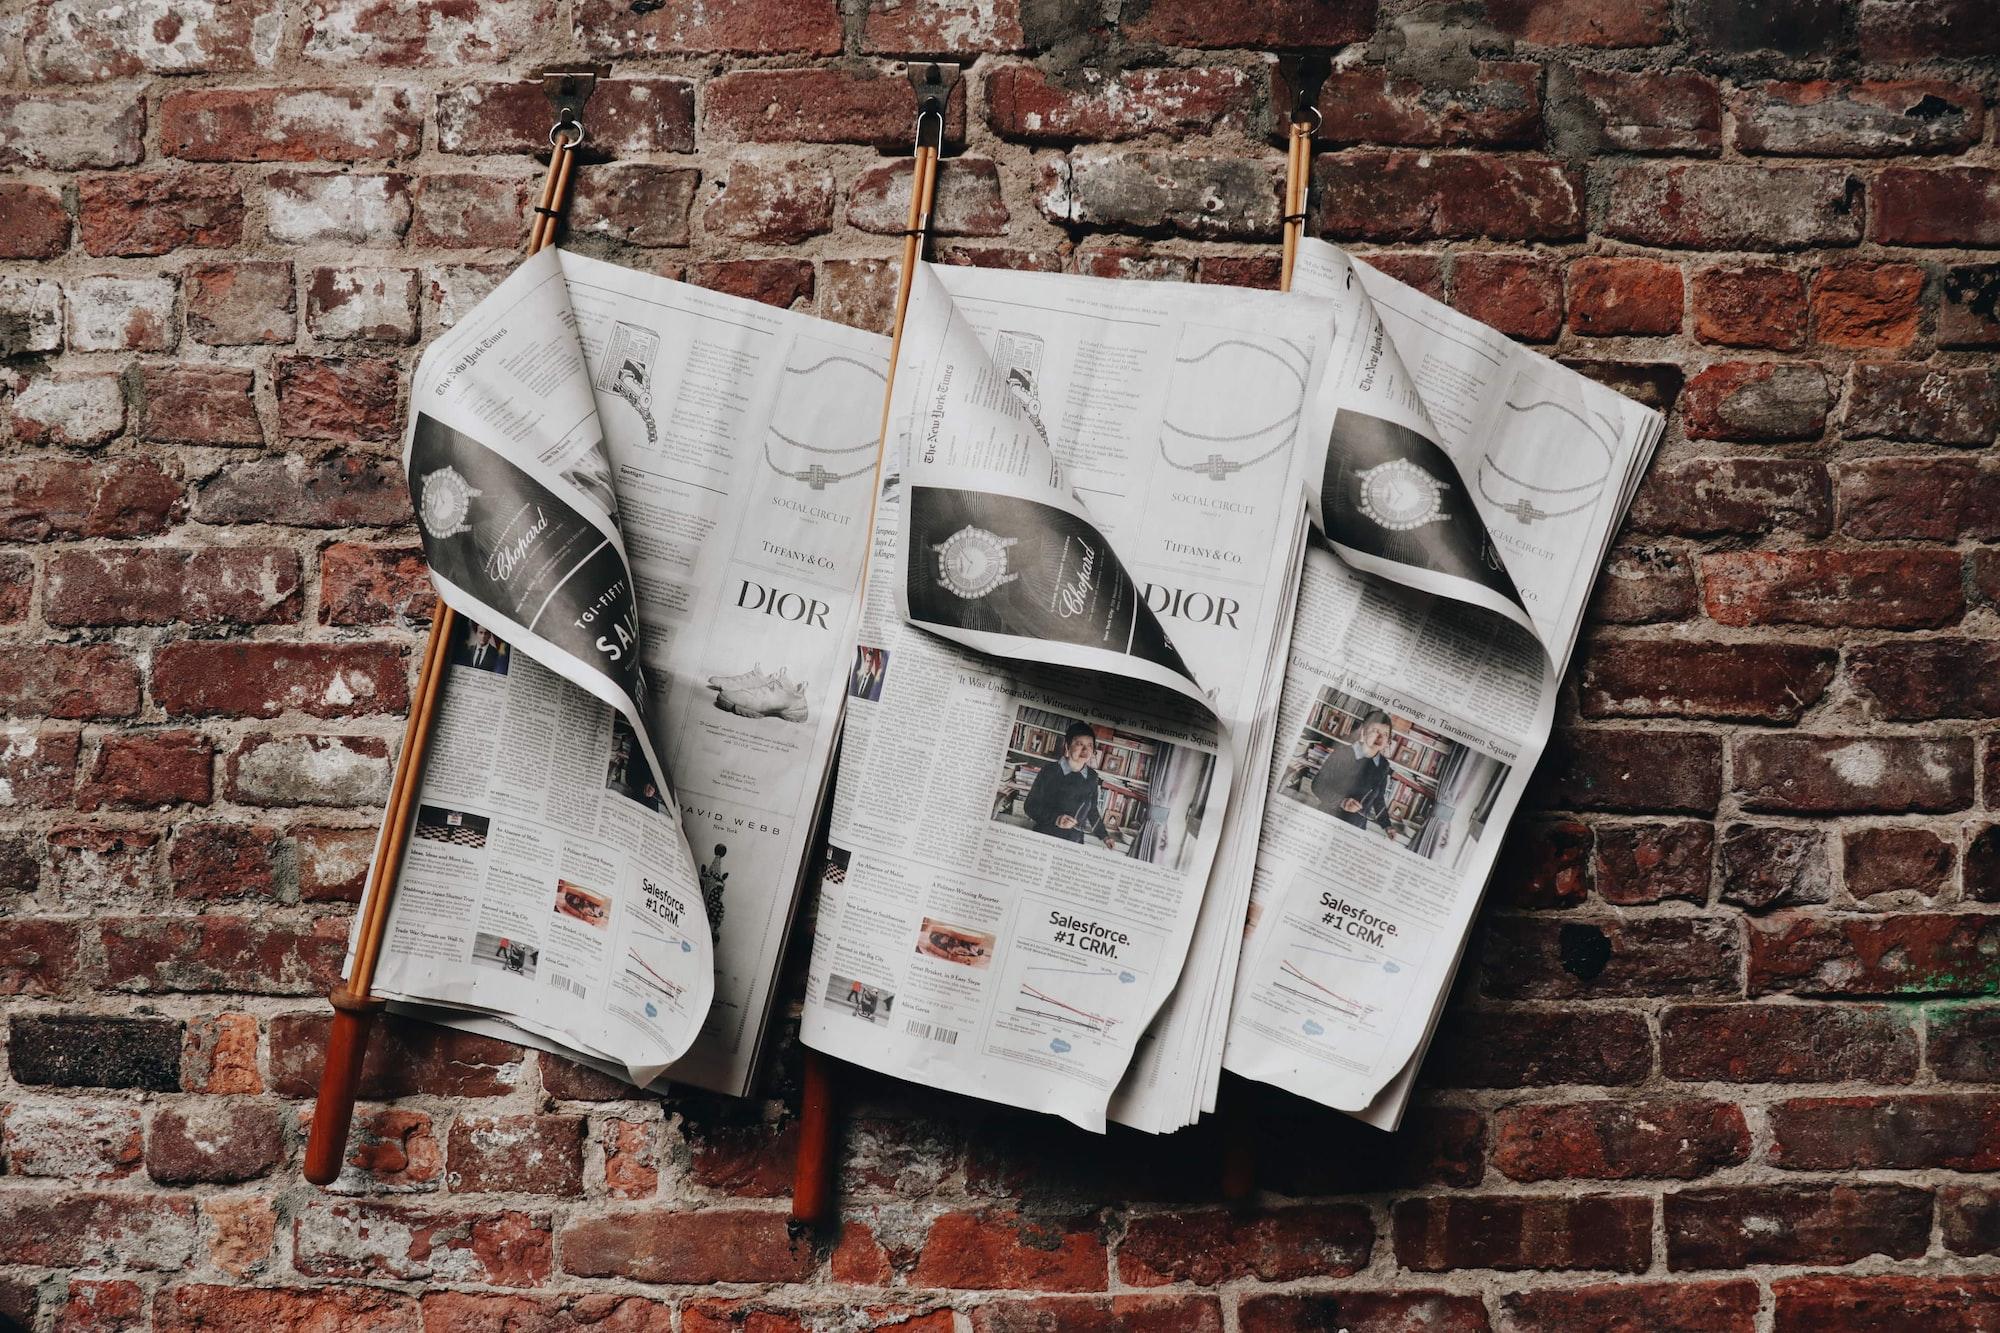 Gazetecilik Dilinde Uydurma Habere Verilen Ad Bulmaca Anlamı Nedir?